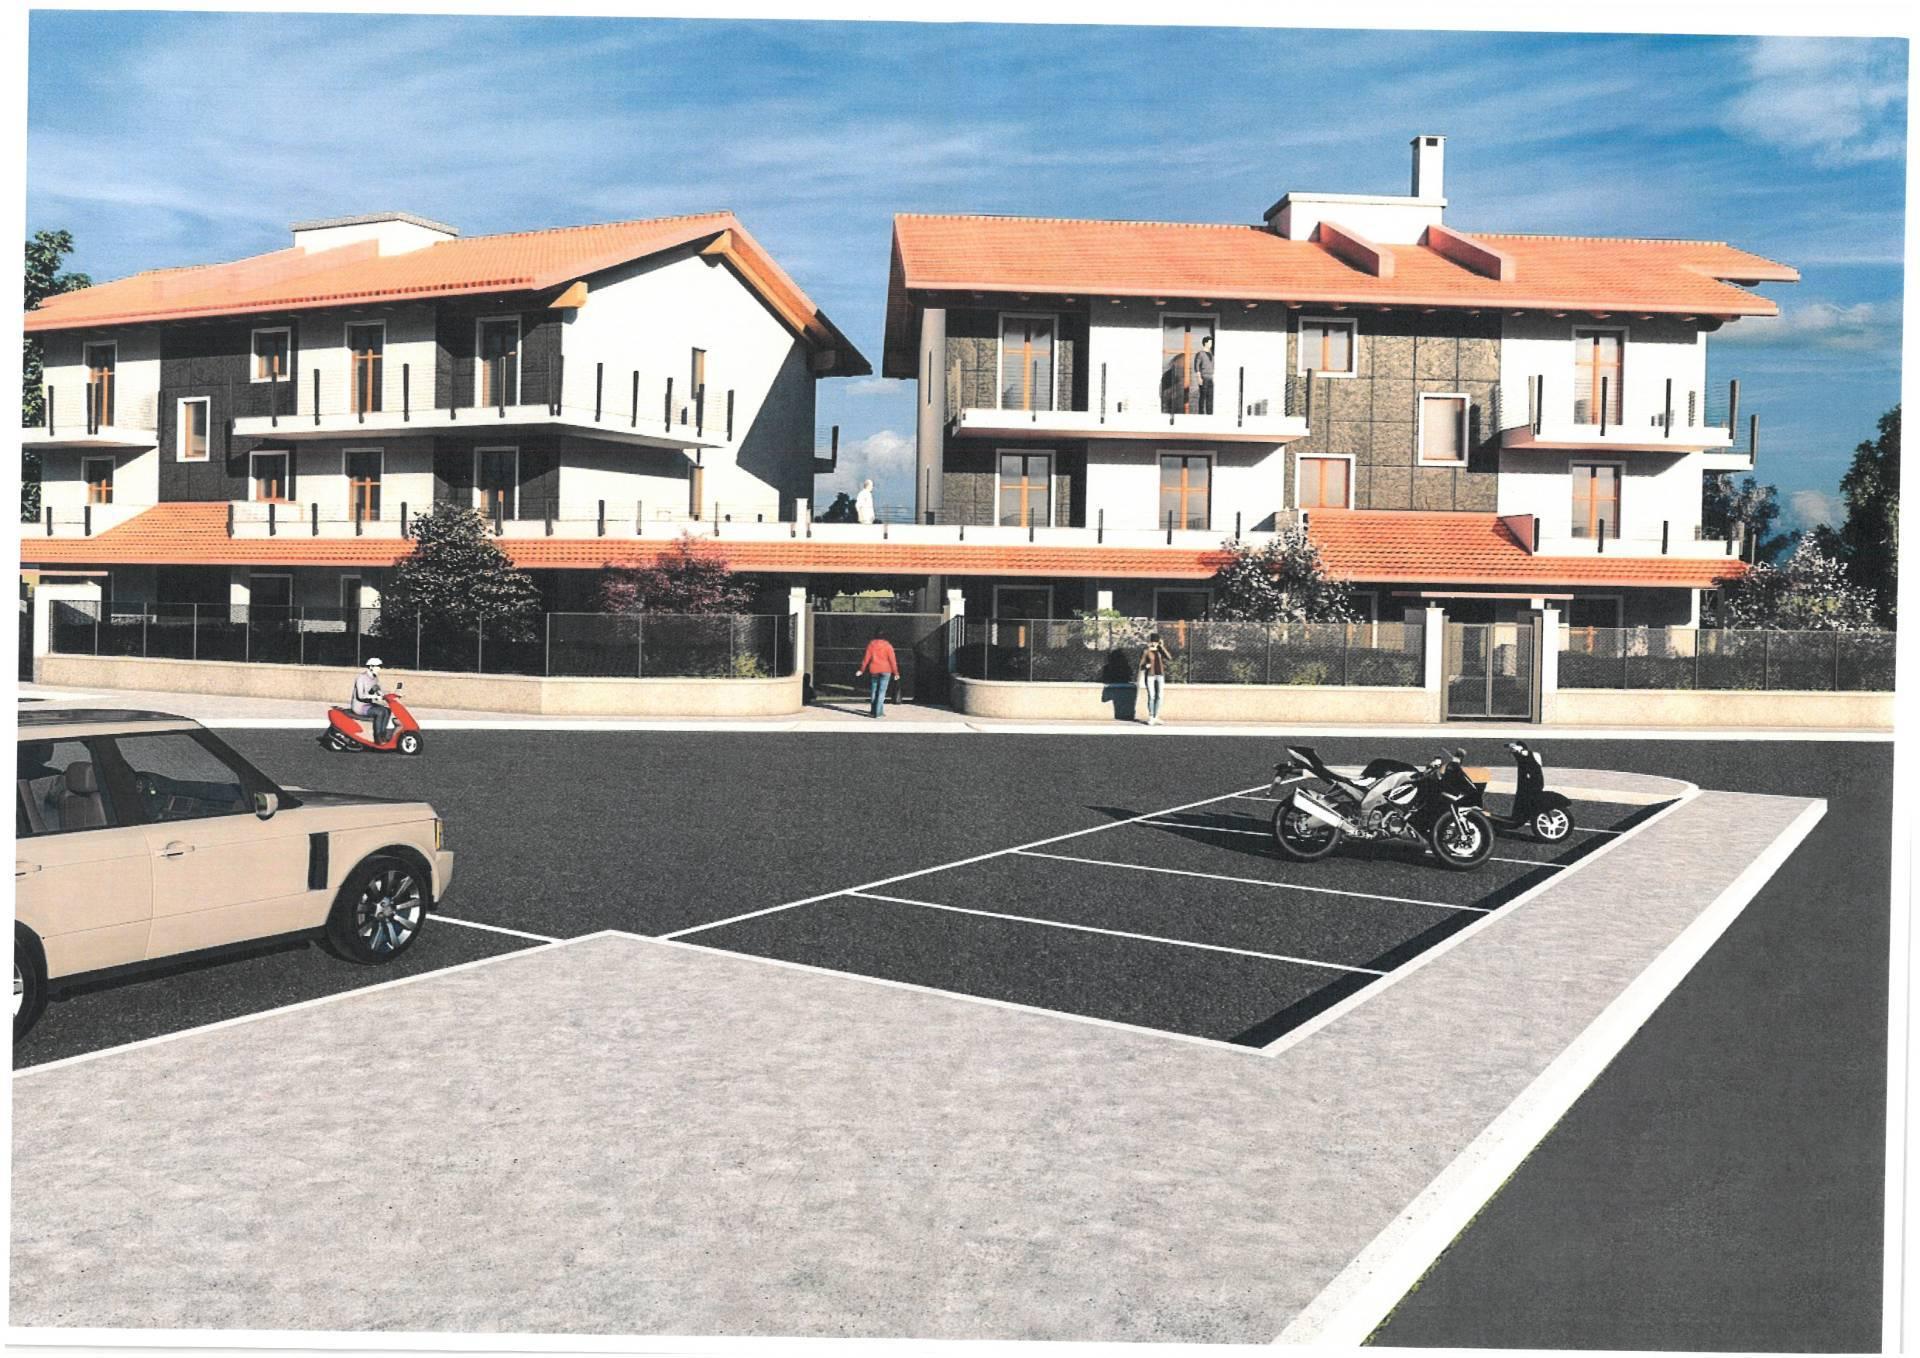 Appartamento in vendita a Grugliasco, 3 locali, zona Località: ParcoPorporati, prezzo € 250.000 | CambioCasa.it